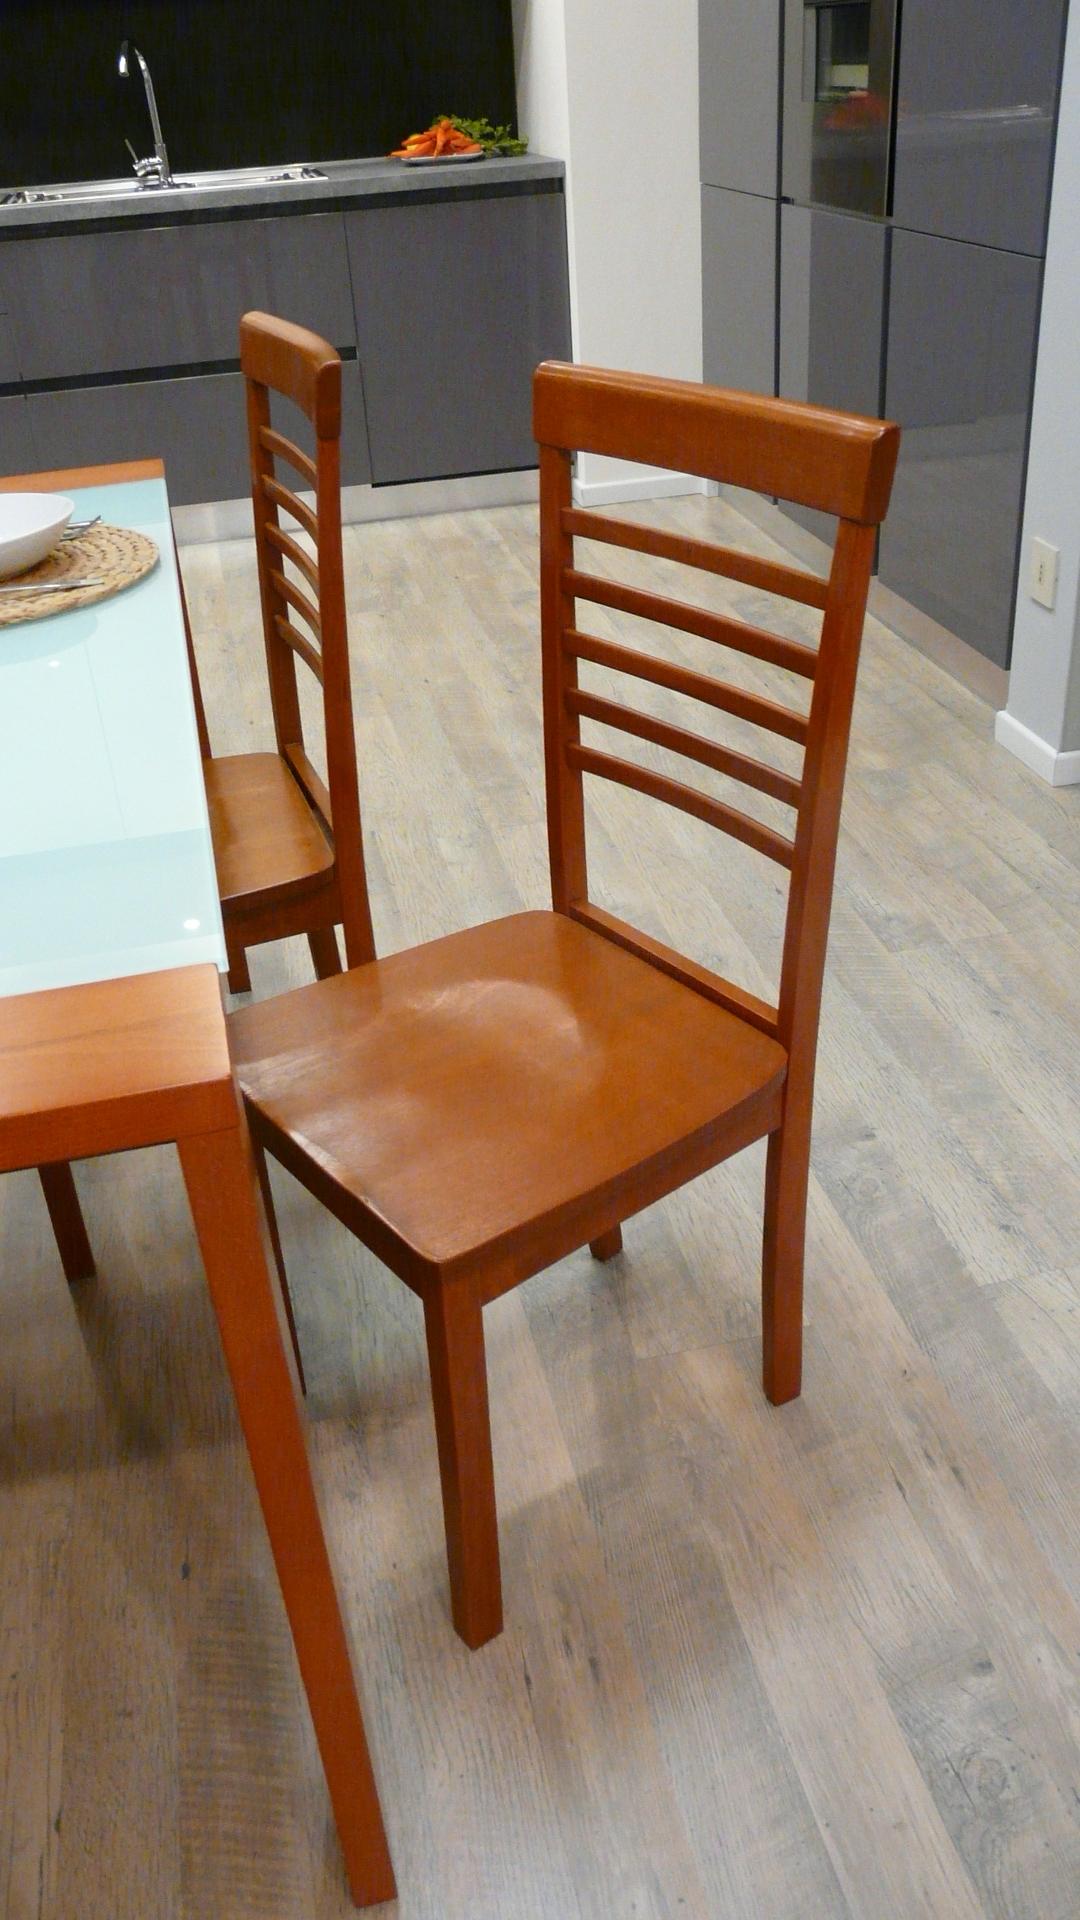 Parete casa legno verniciata brillantinata for Grancasa tavoli e sedie